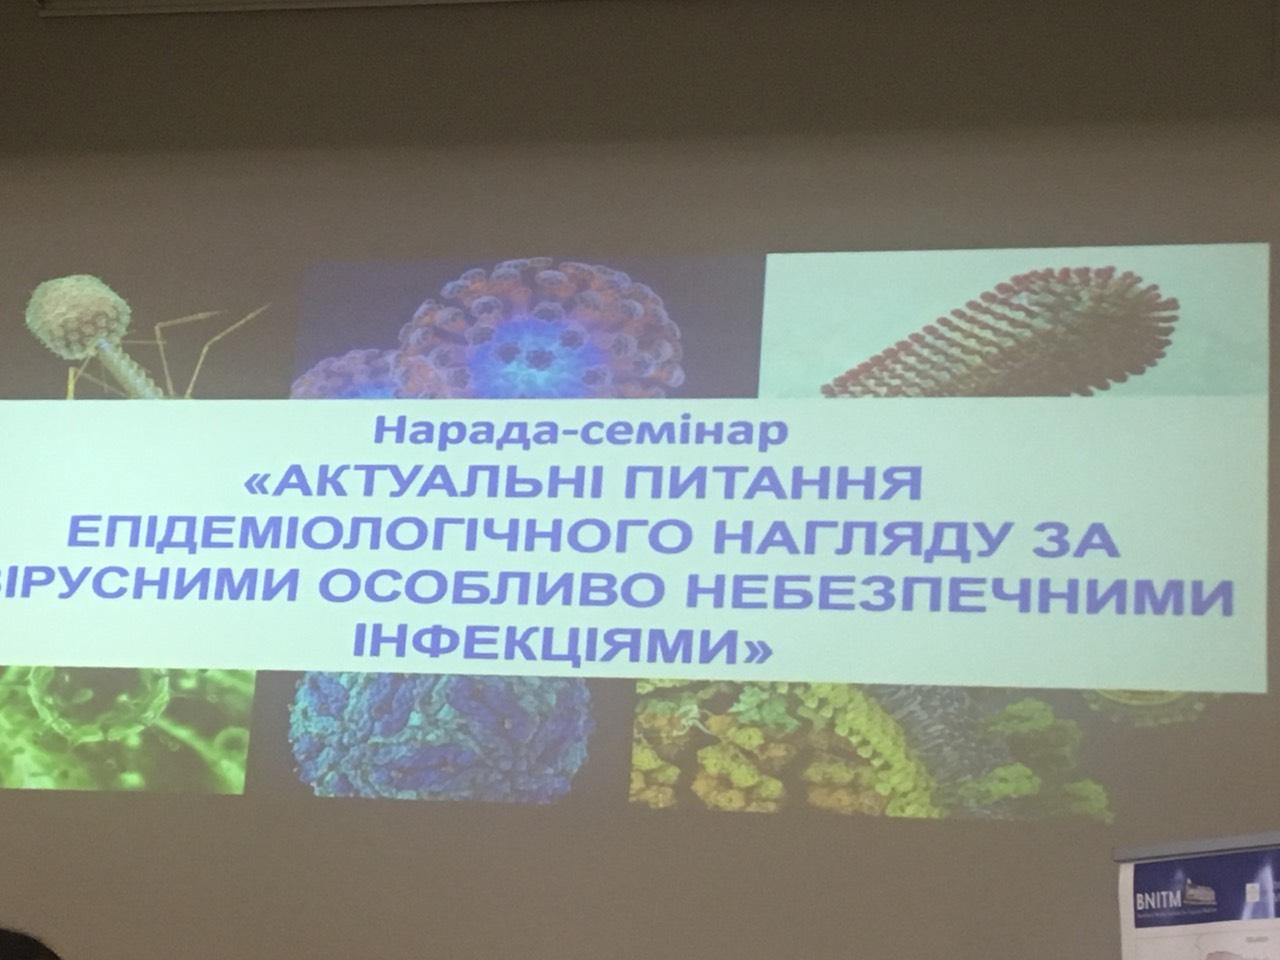 Фахівці ДУ «Івано-Франківський ОЛЦ МОЗ України» взяли участь у нараді з актуальних питань епідеміологічного нагляду